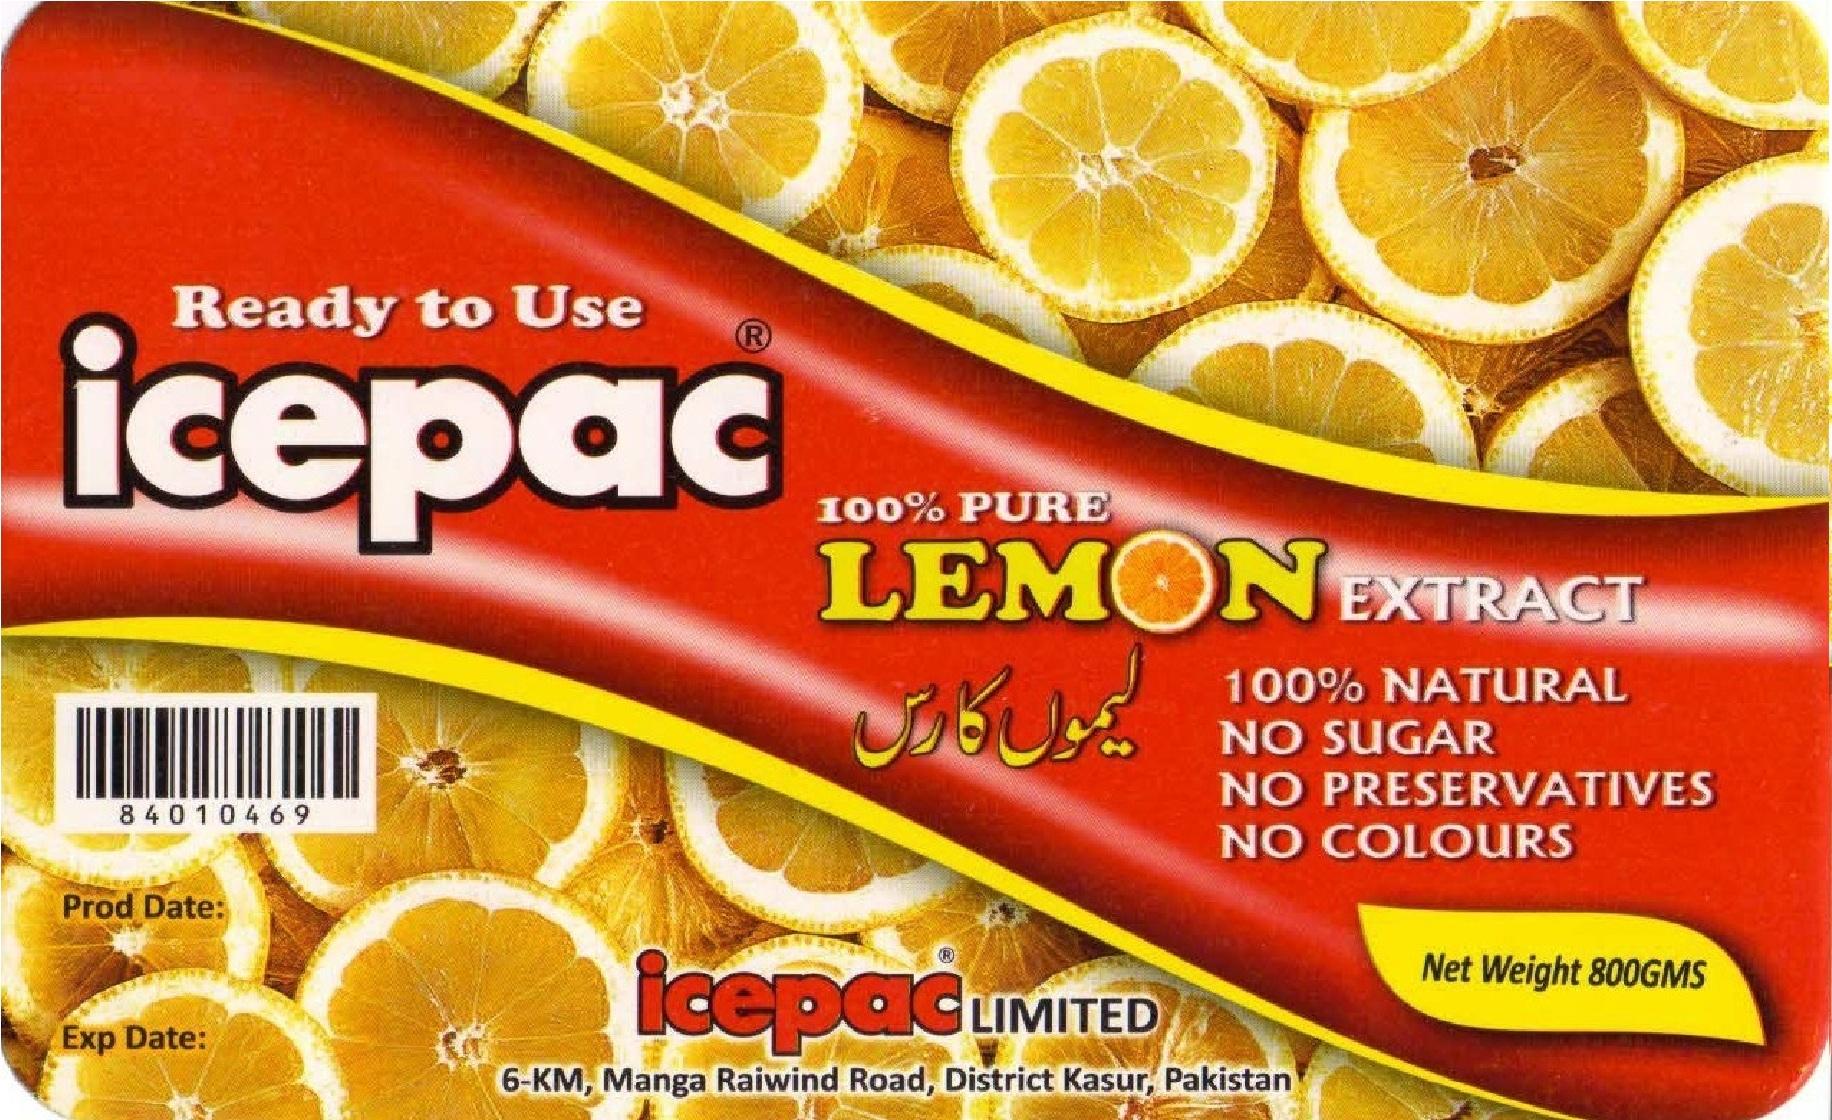 Icepac Lemon Extract